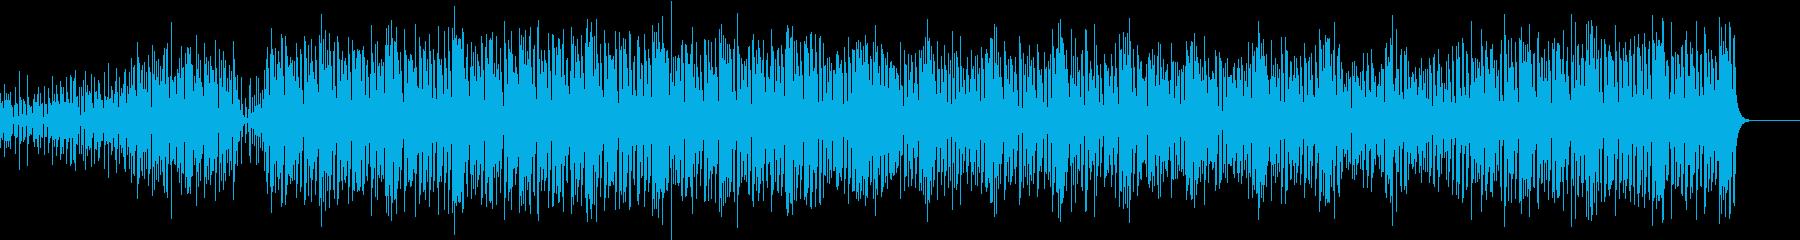 任○堂ゲーム風/ラテン調で明るく楽しいの再生済みの波形